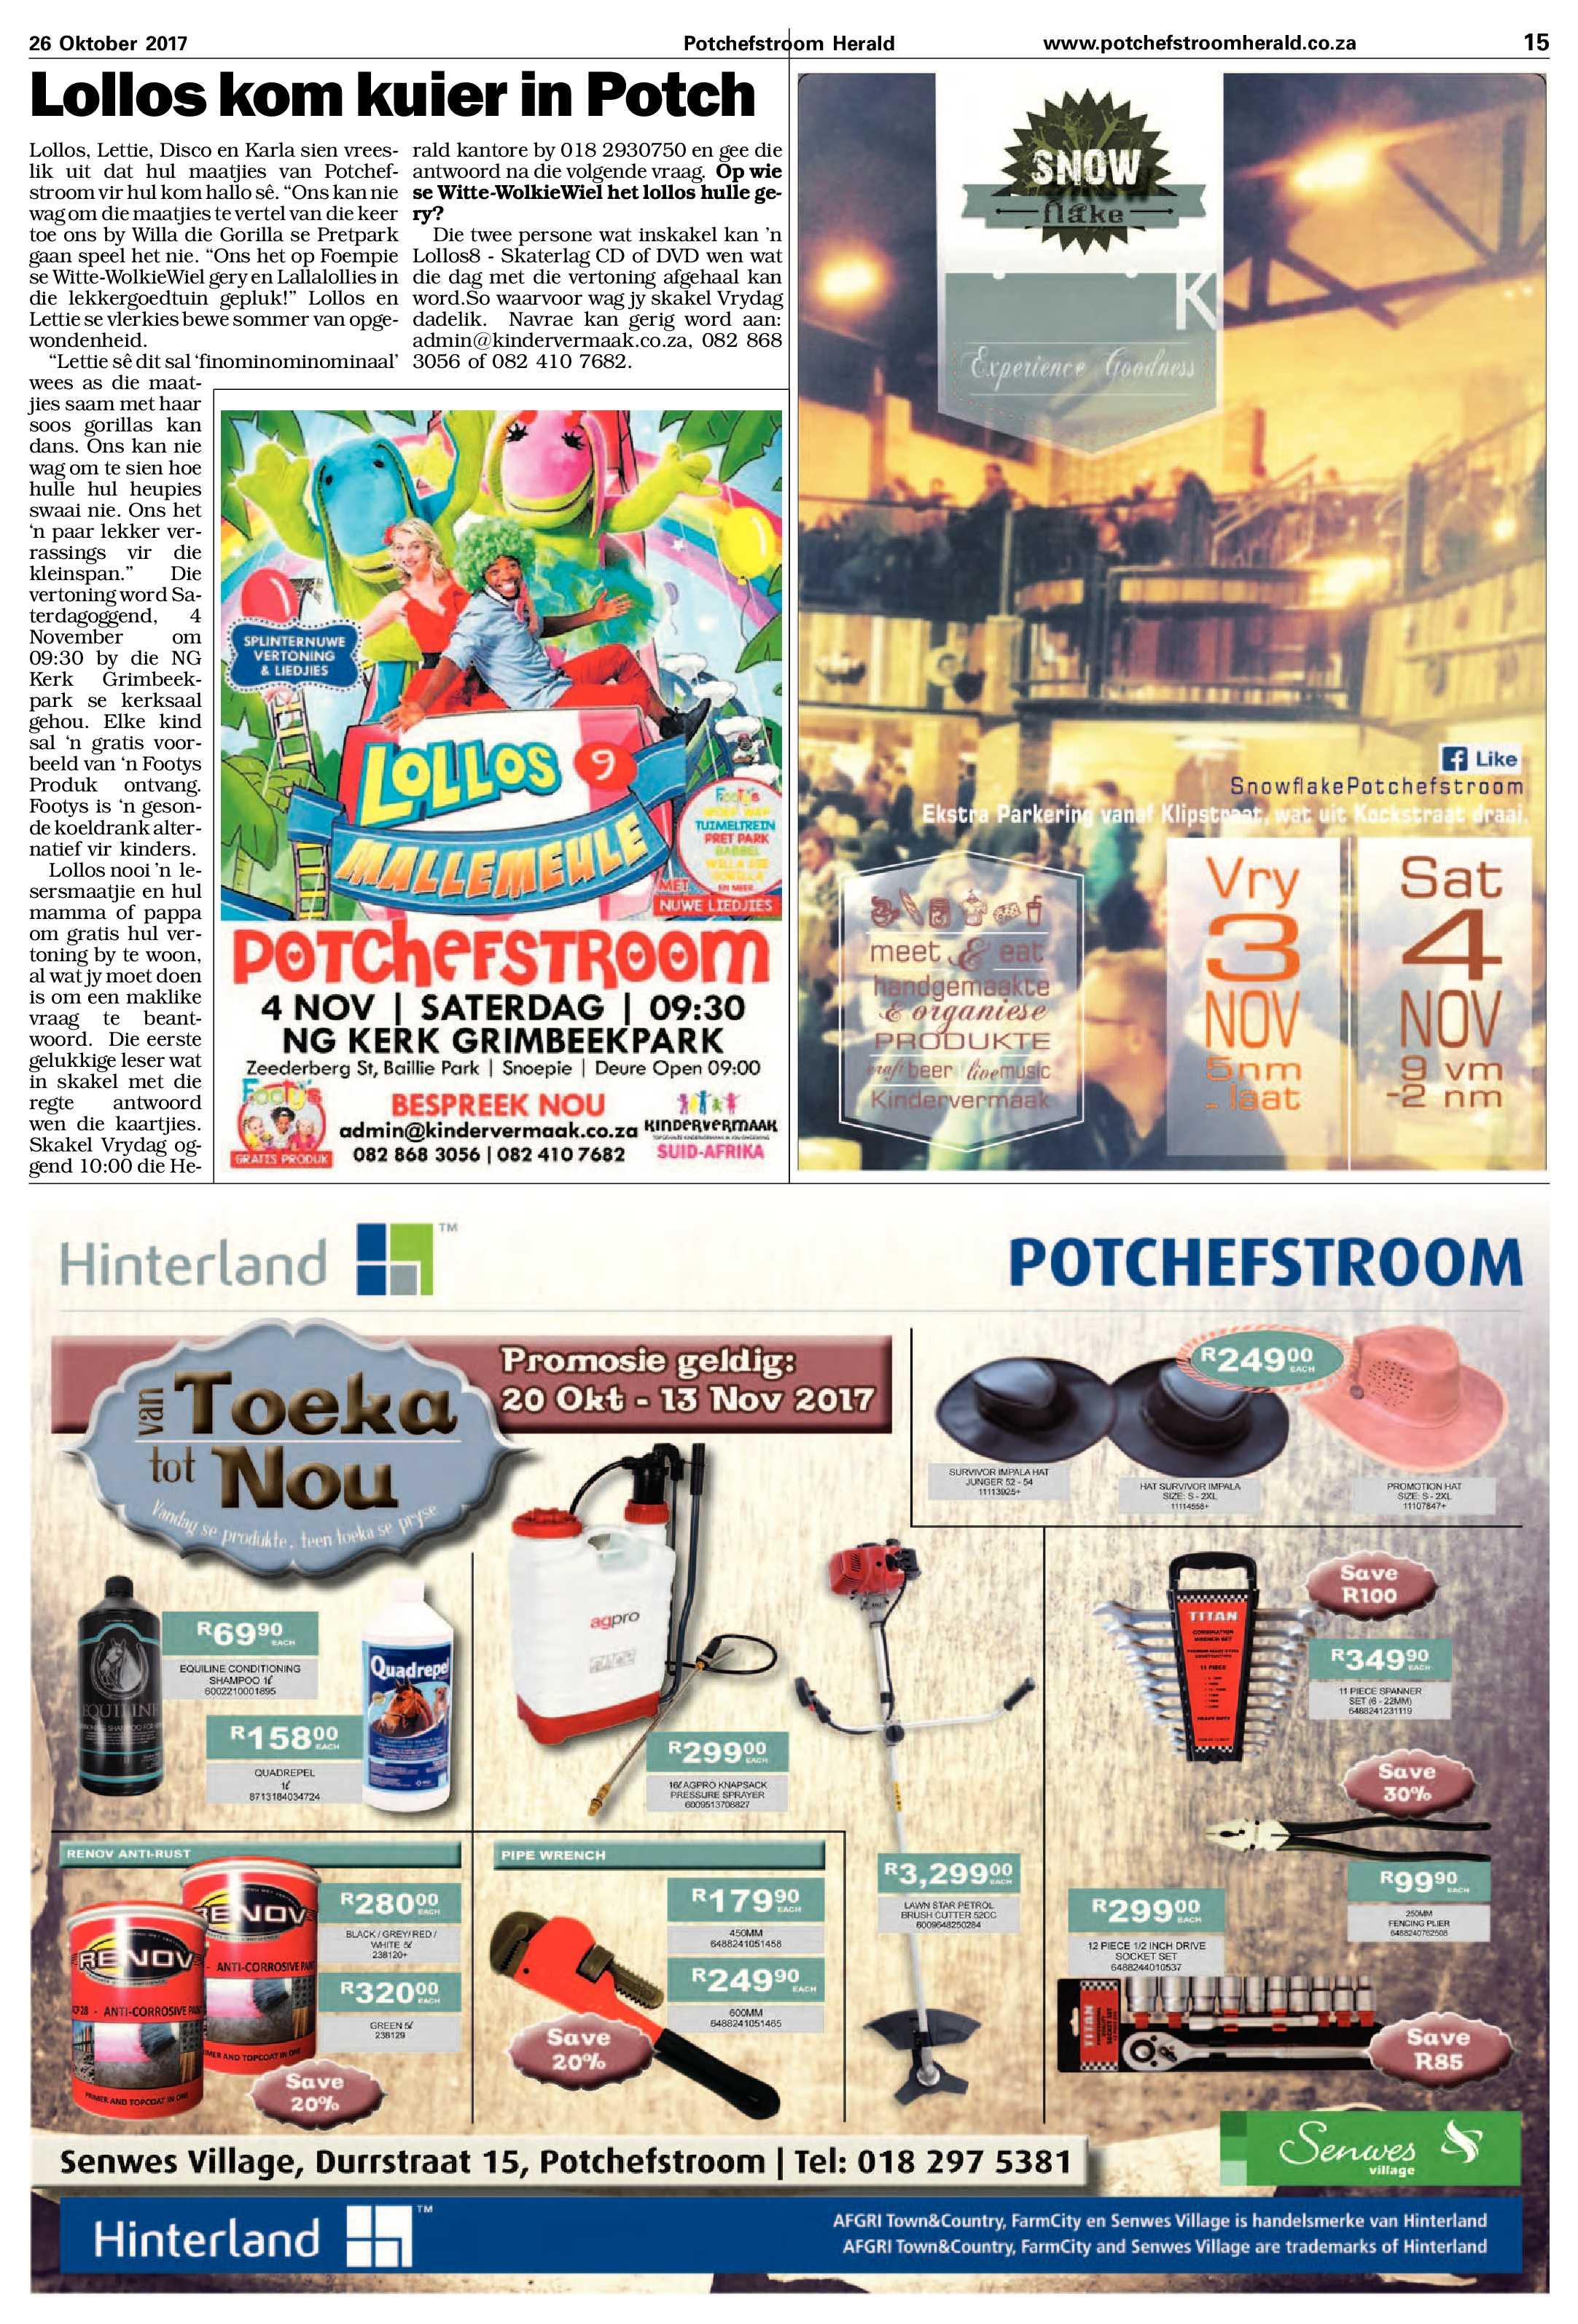 26-oktober-2017-epapers-page-15